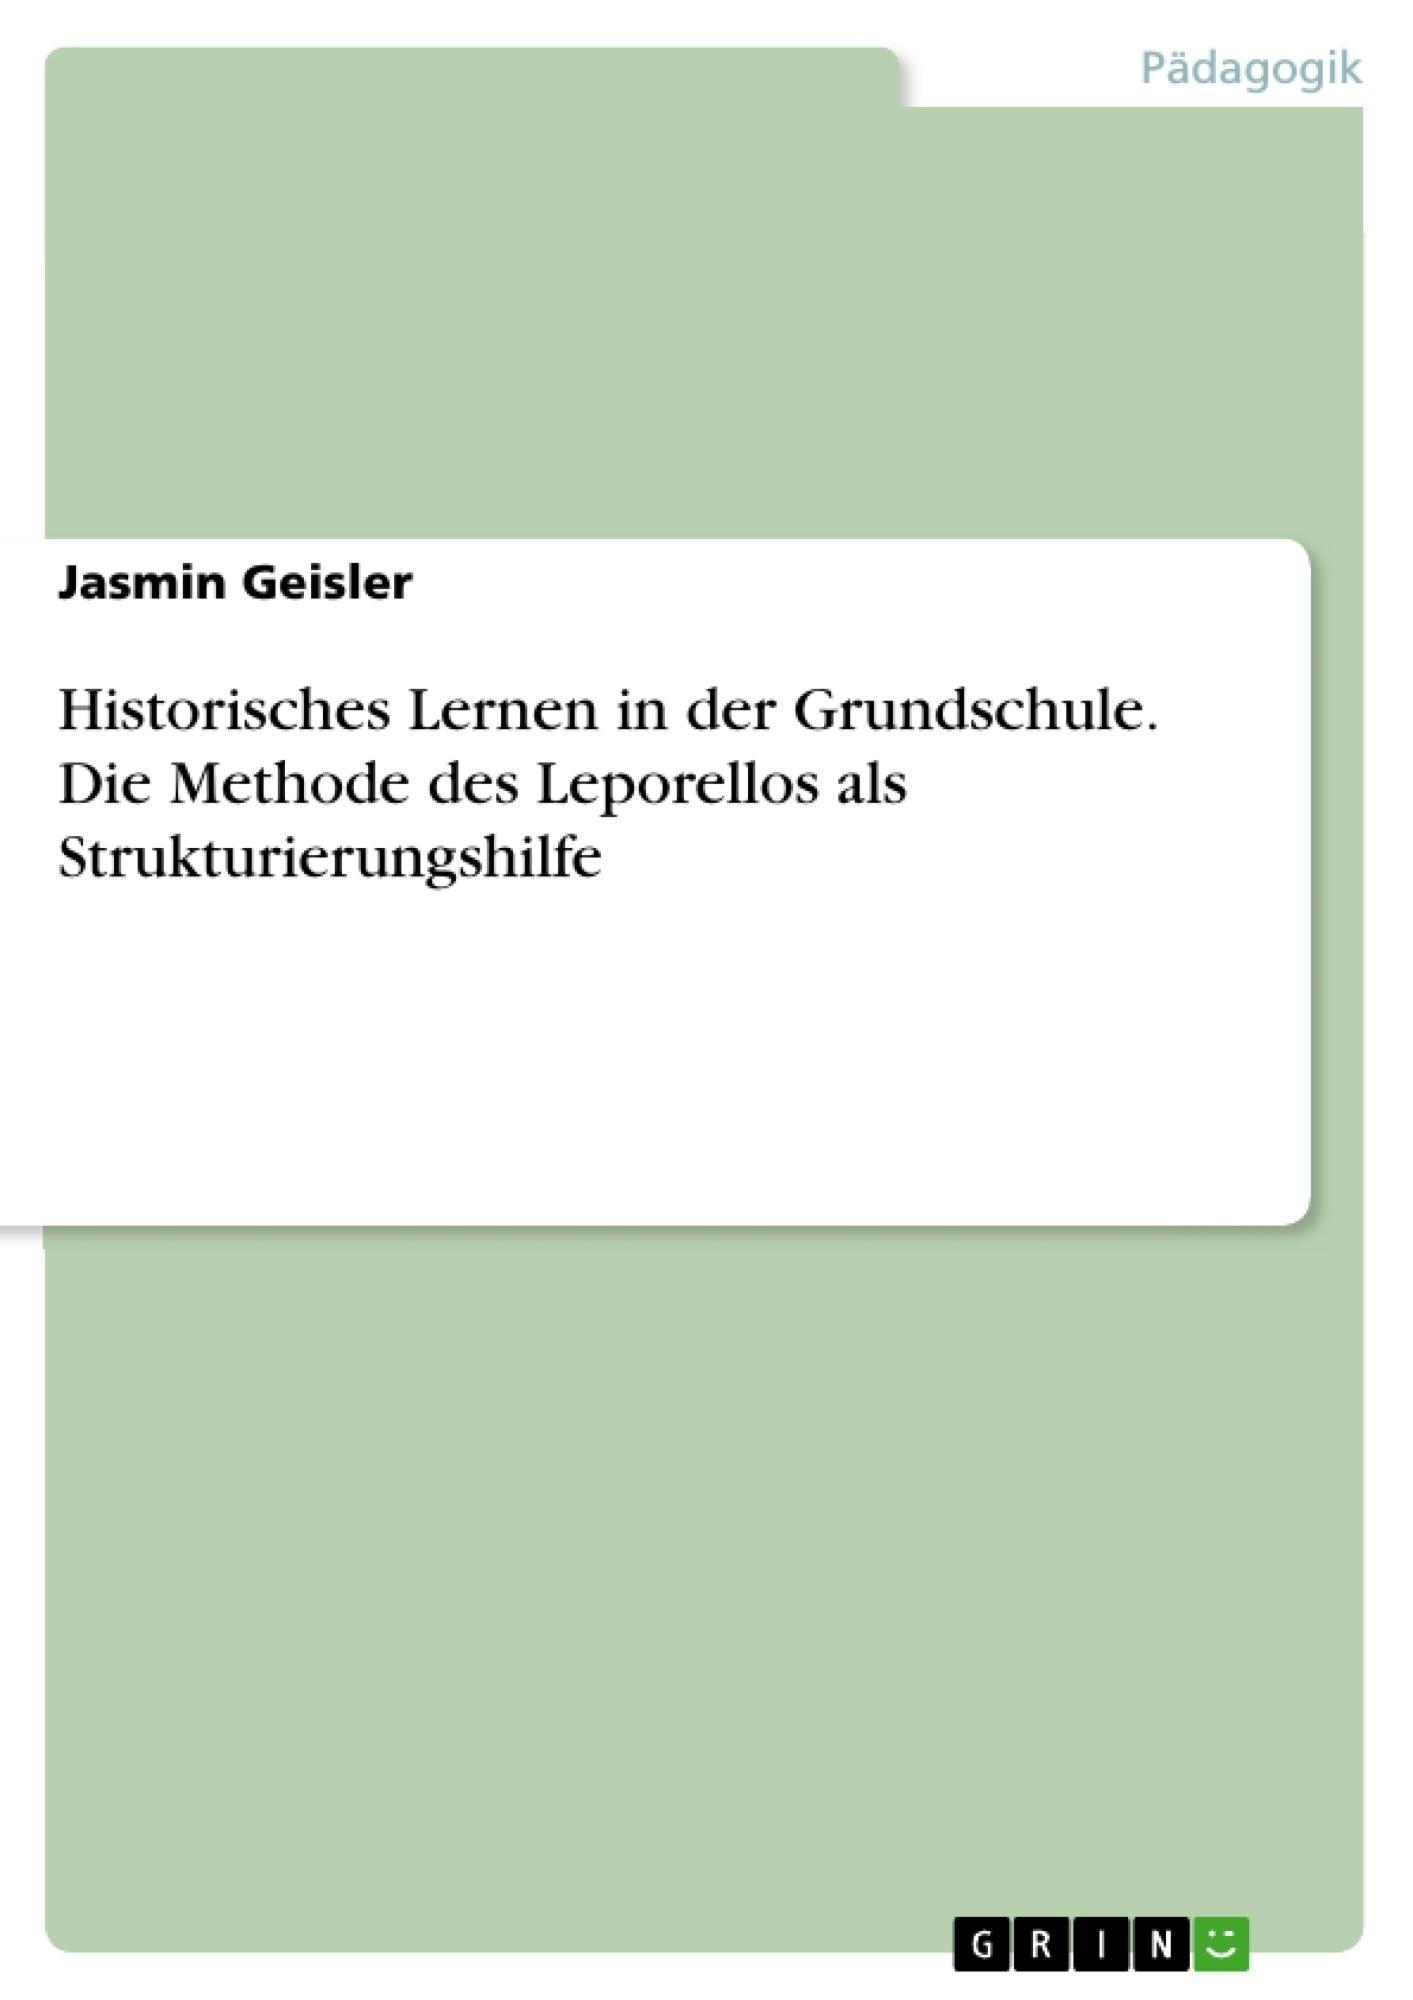 Titel: Historisches Lernen in der Grundschule. Die Methode des Leporellos als Strukturierungshilfe